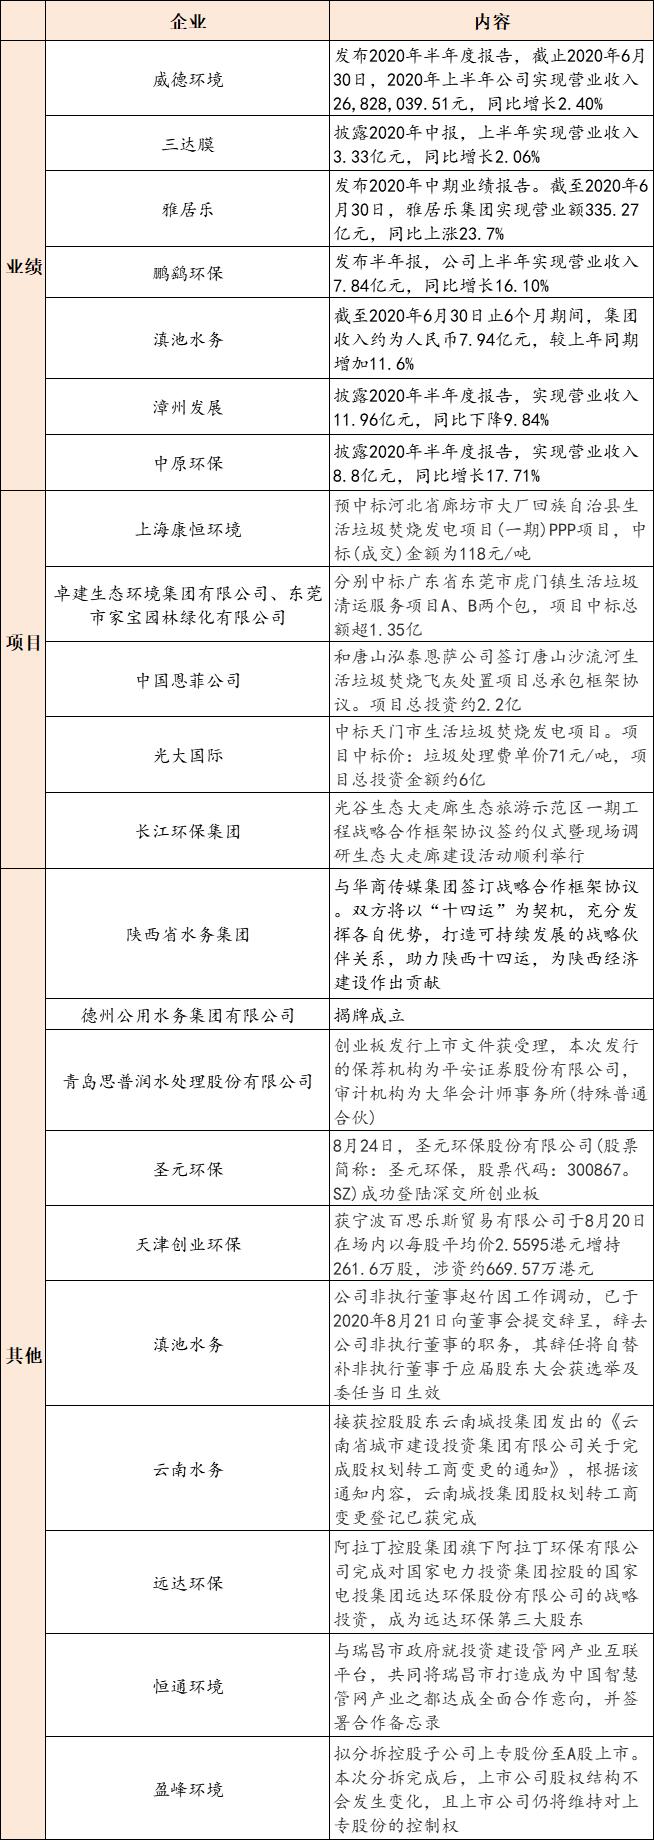 【8月24日环保要闻】深圳市30.63亿四水环境综合治理项目开始招标;400吨以下内河船舶将要垃圾分类插图